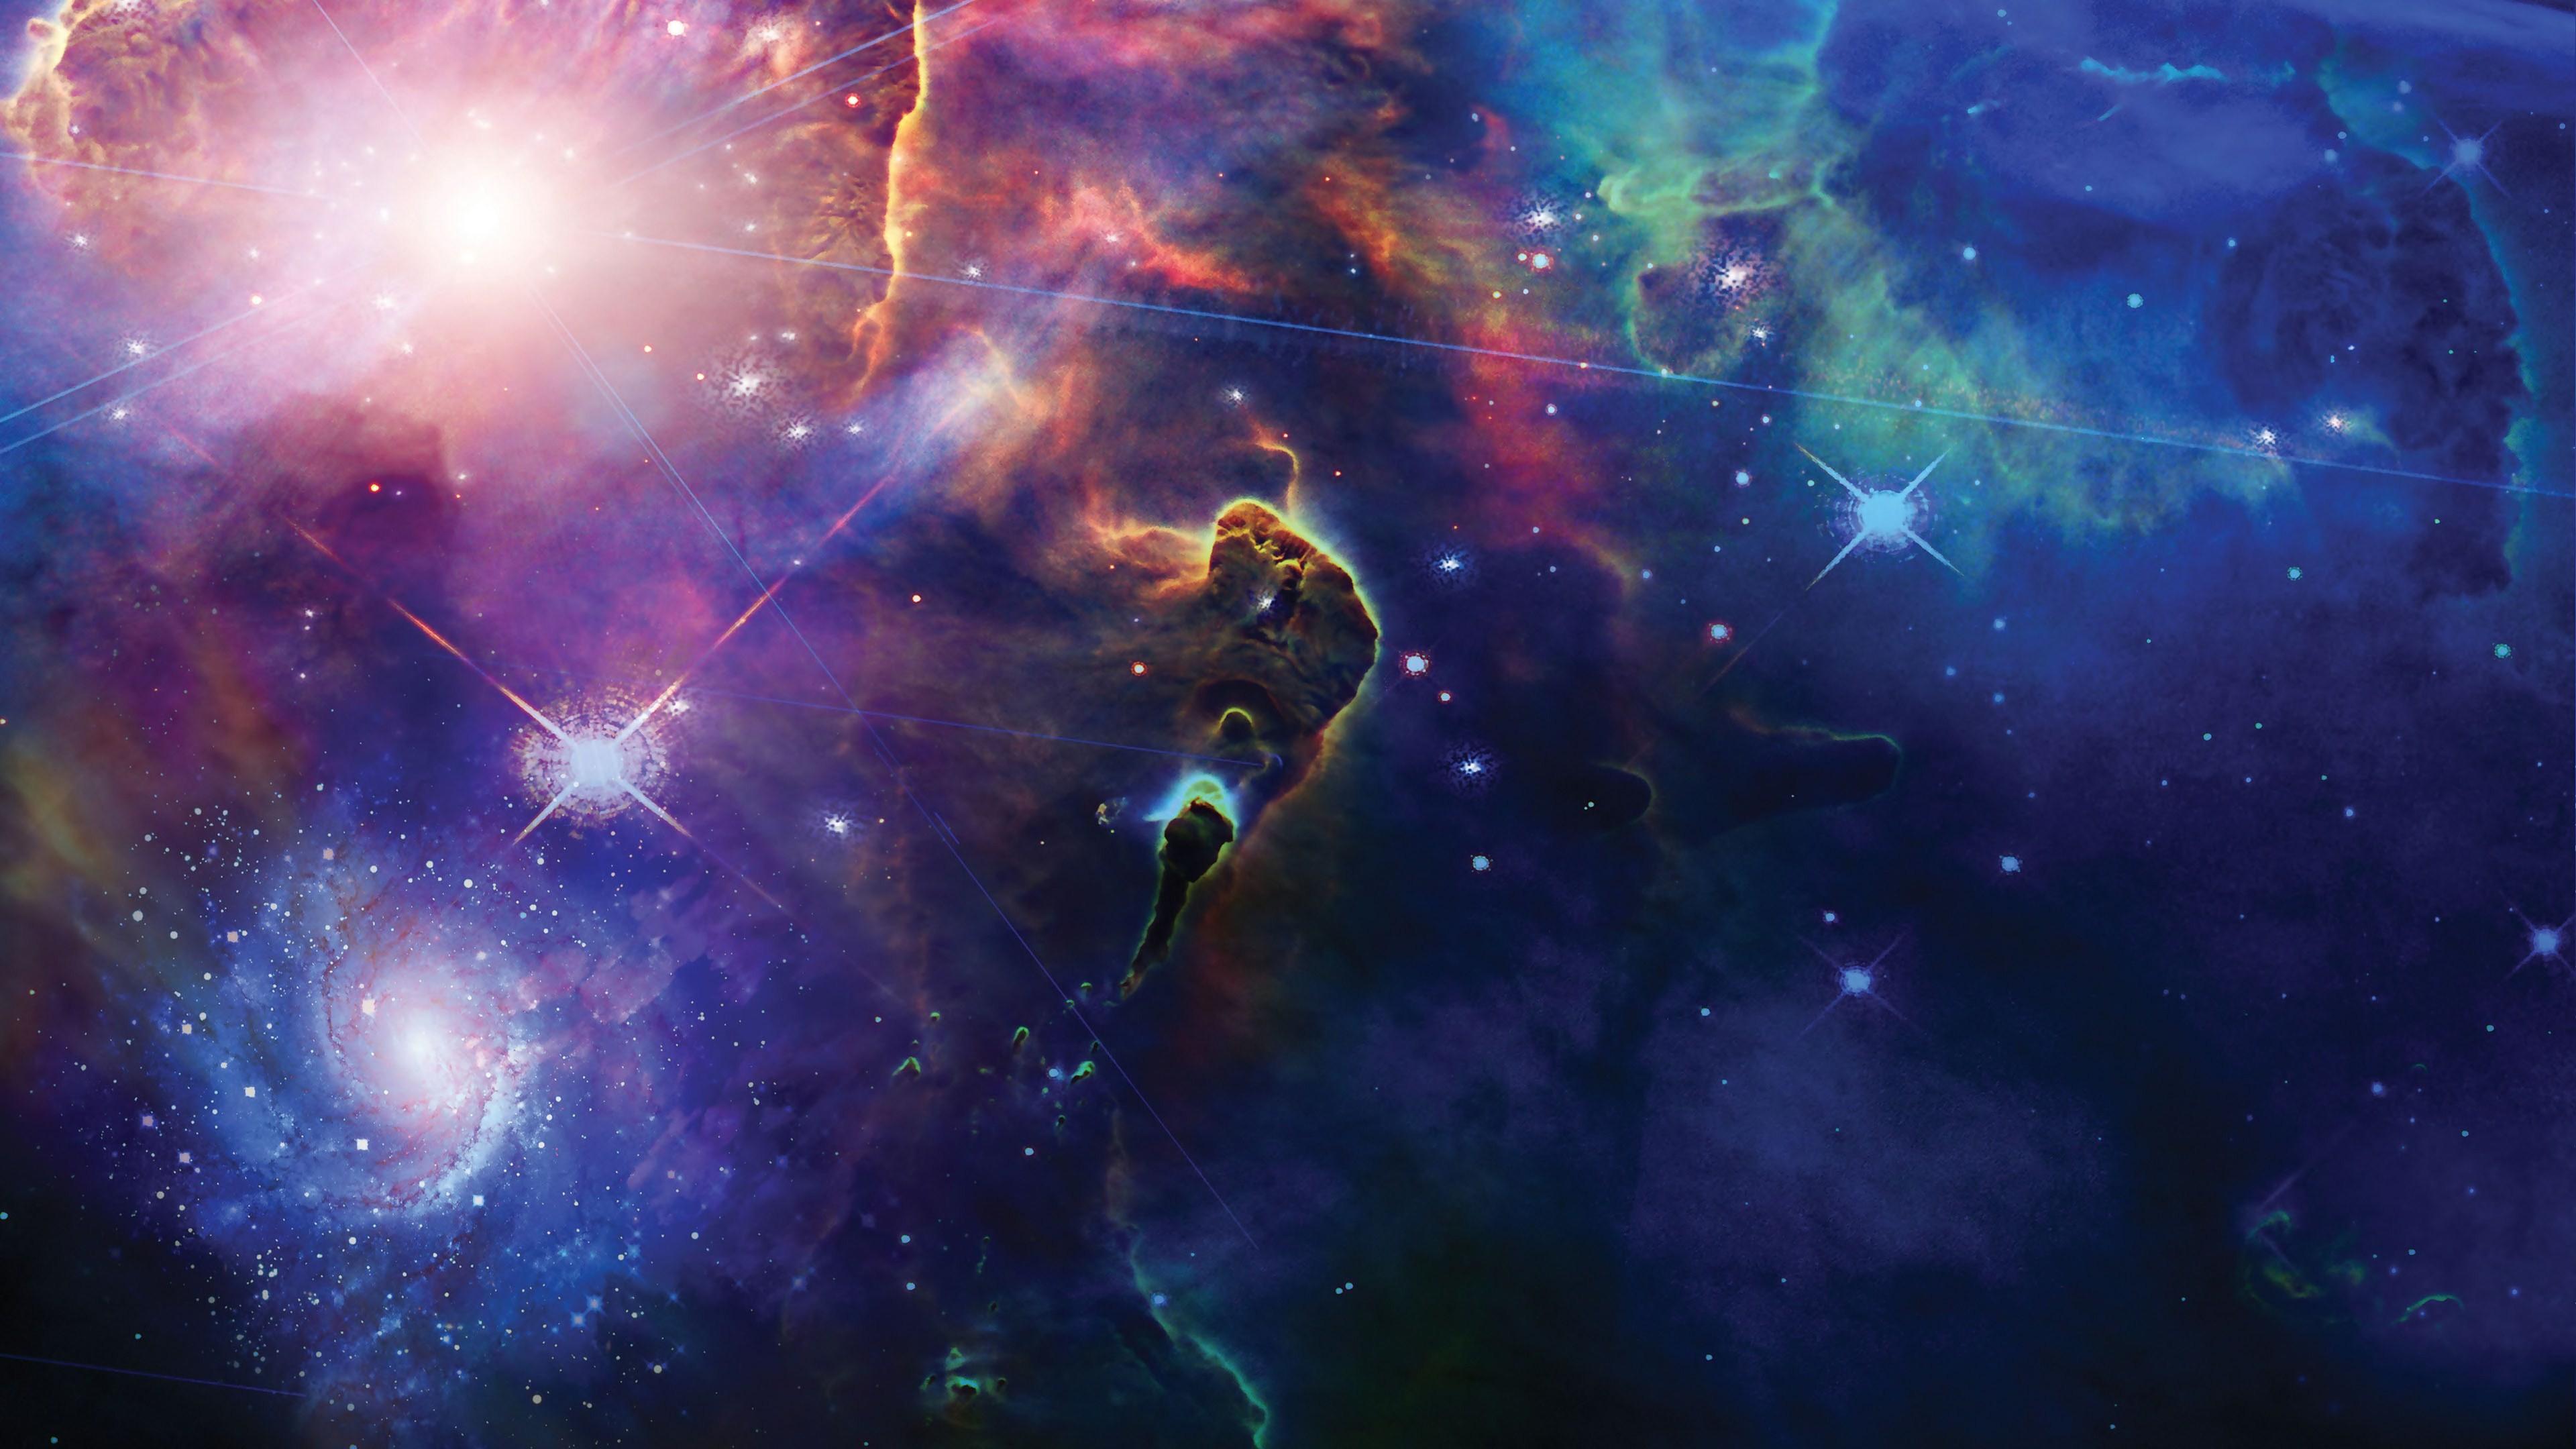 Sci Fi – Nebula Wallpaper